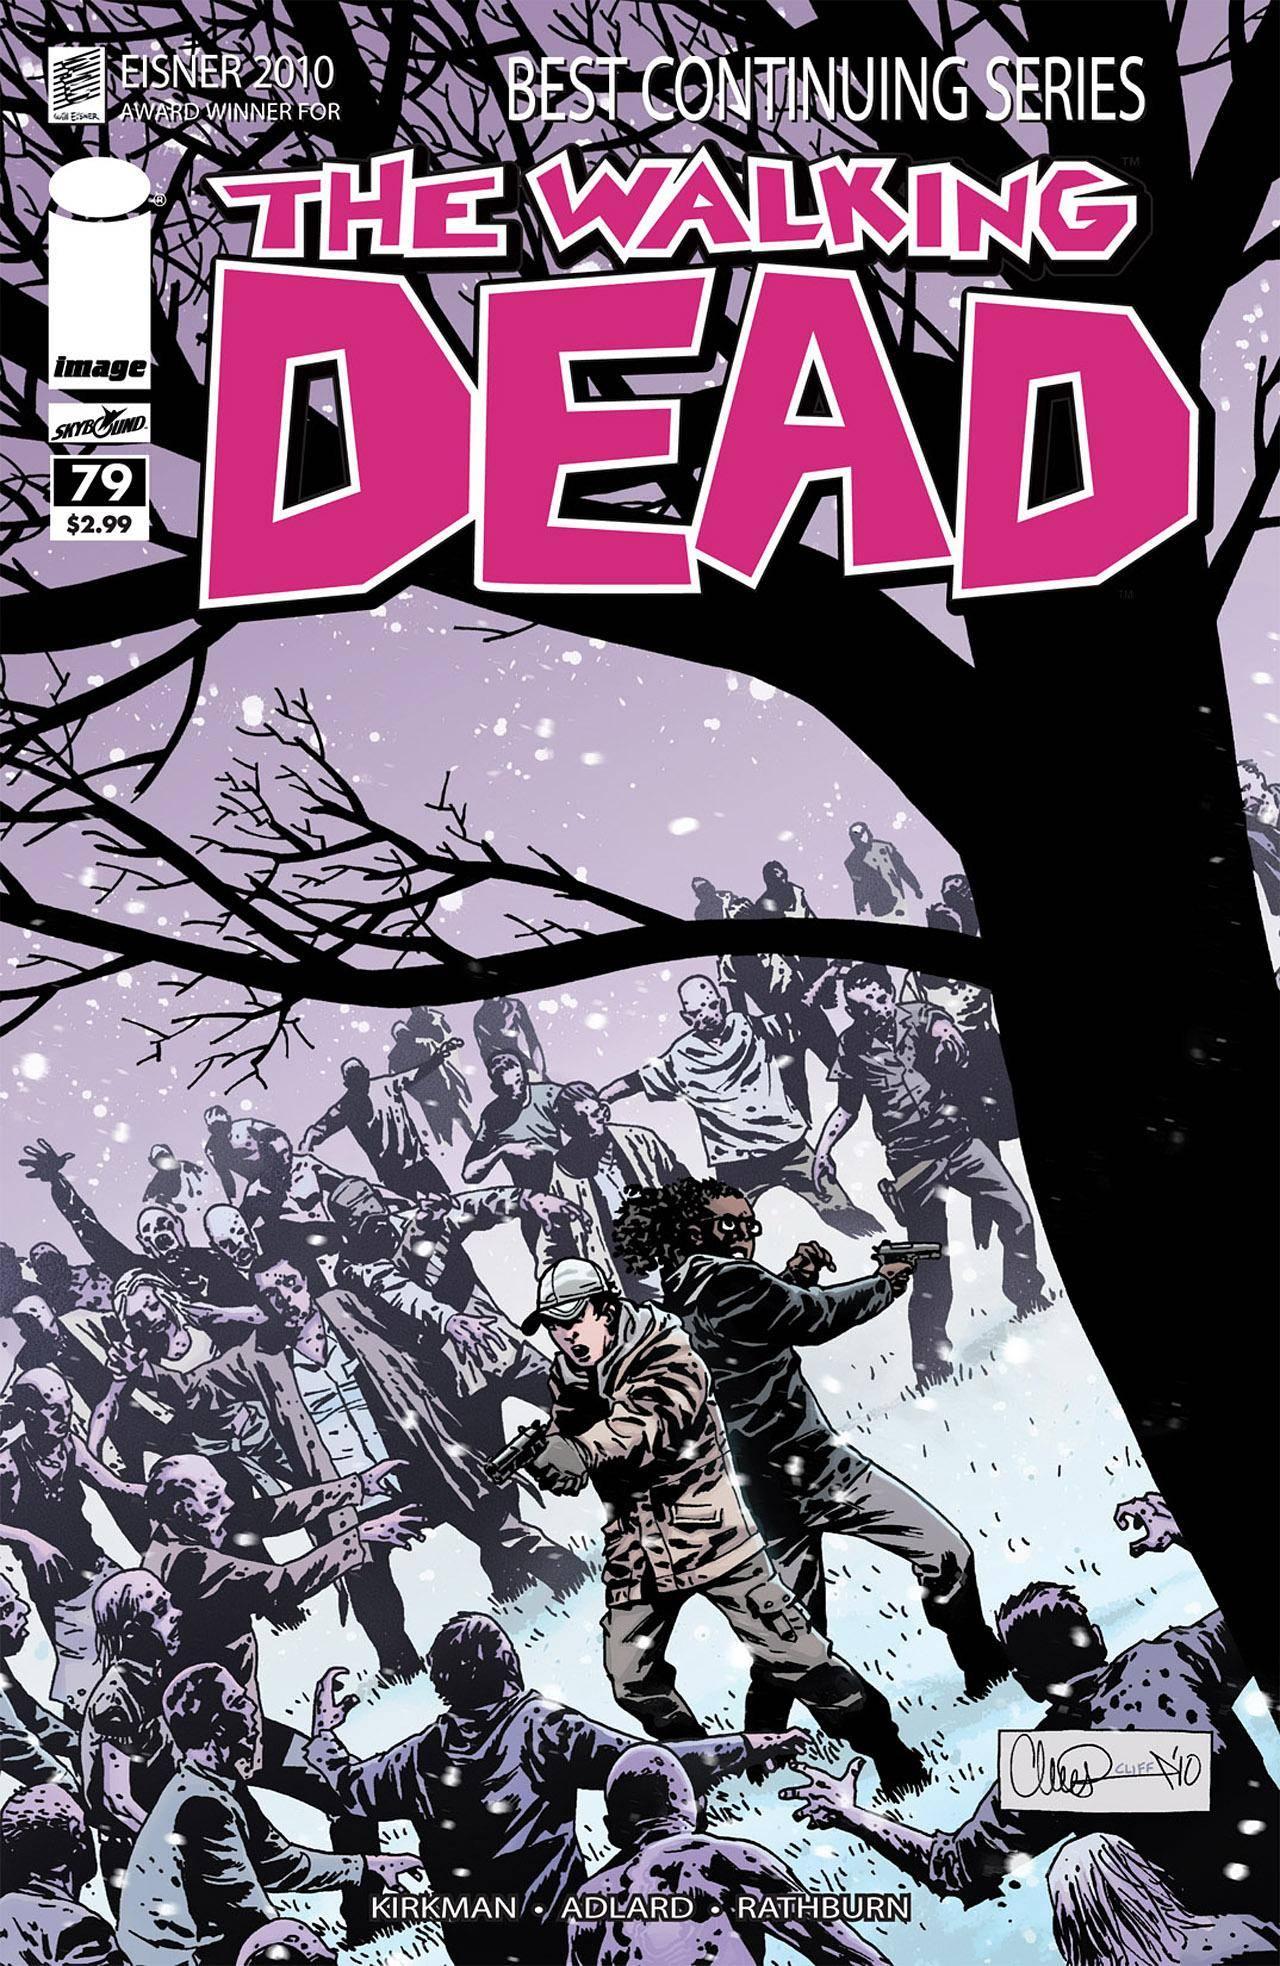 Walking Dead 079 2010 digital